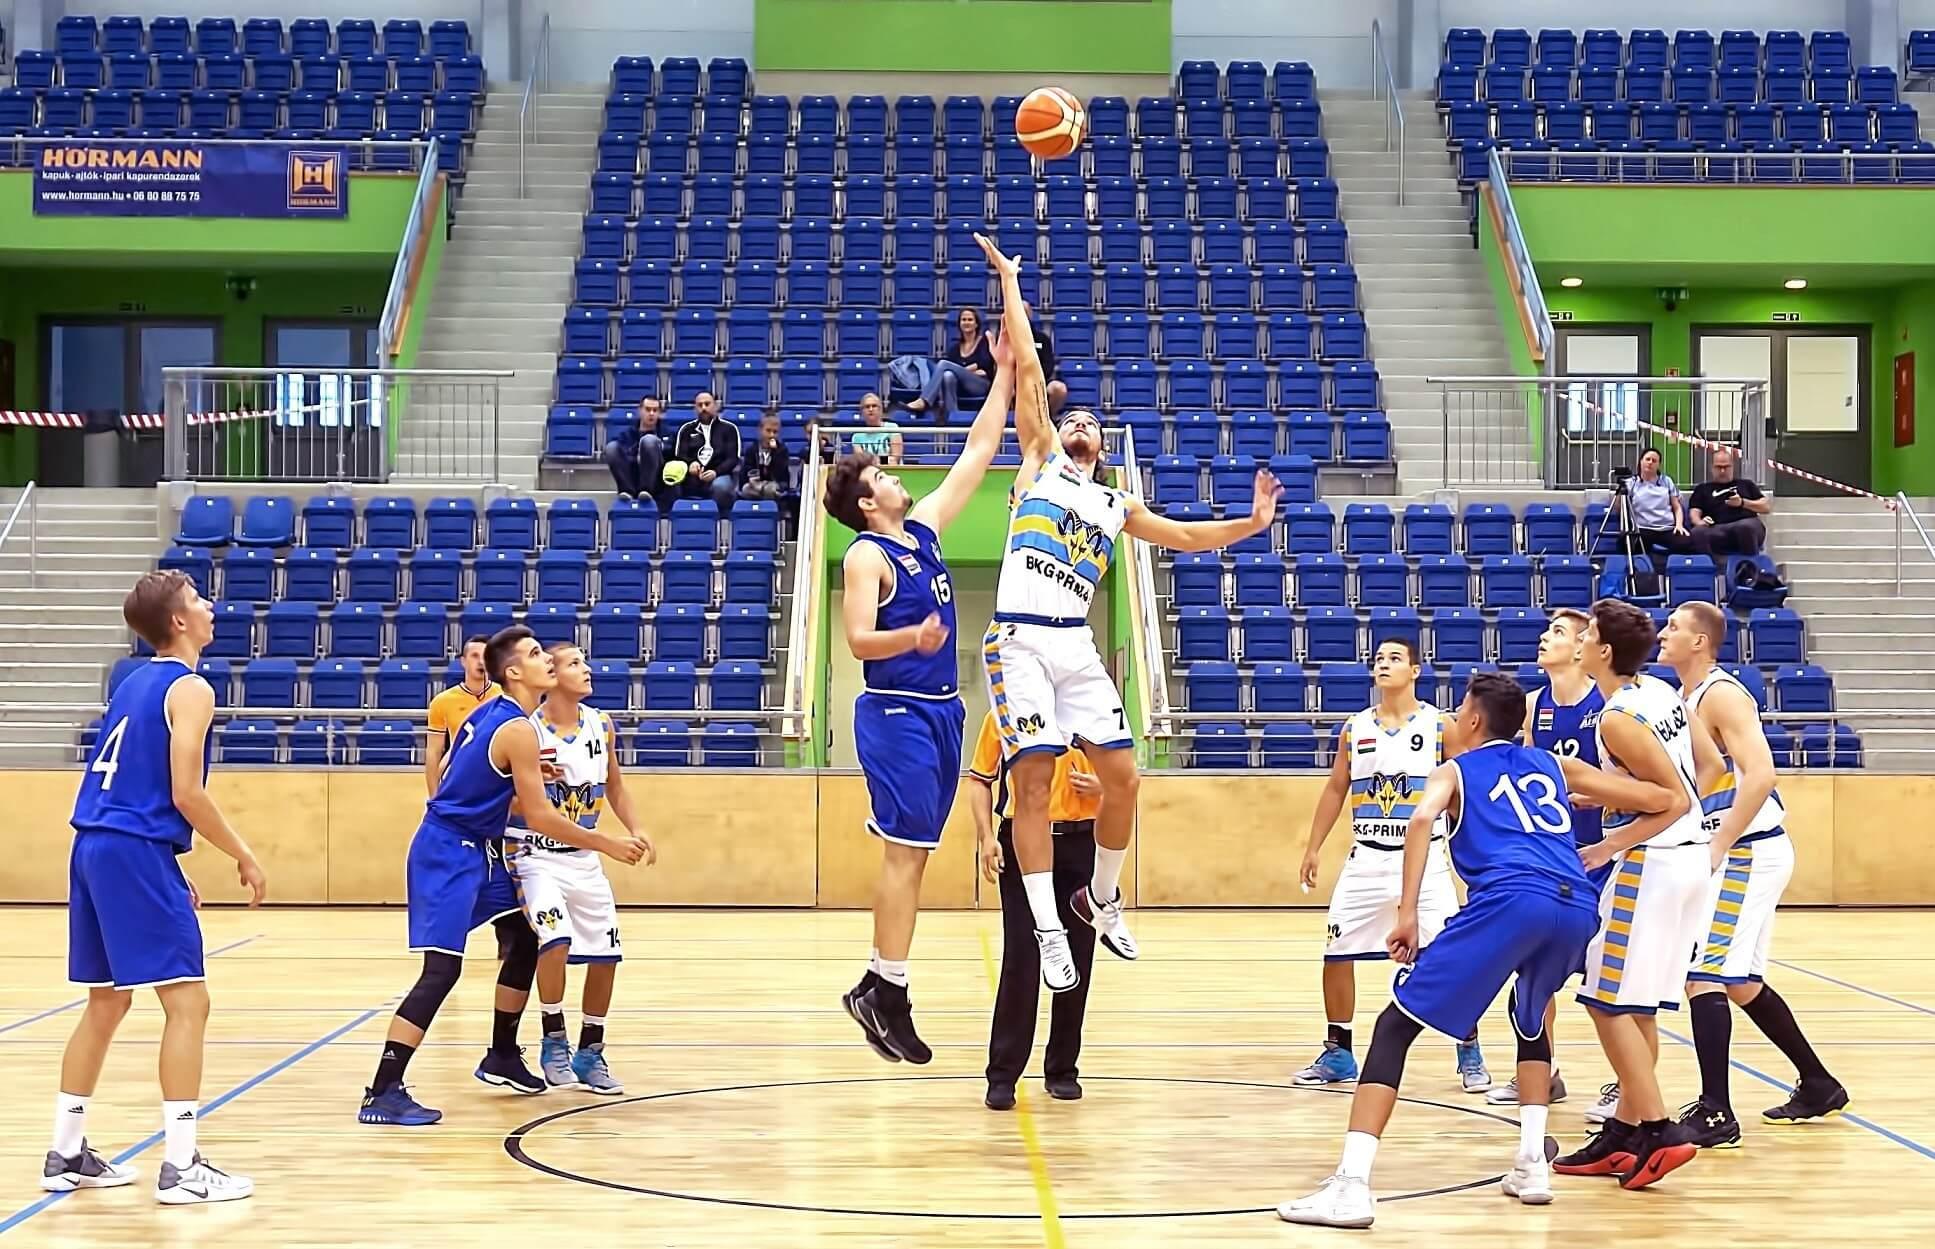 Új kosárlabdacsarnok épül a DVTK focistadionja mellé